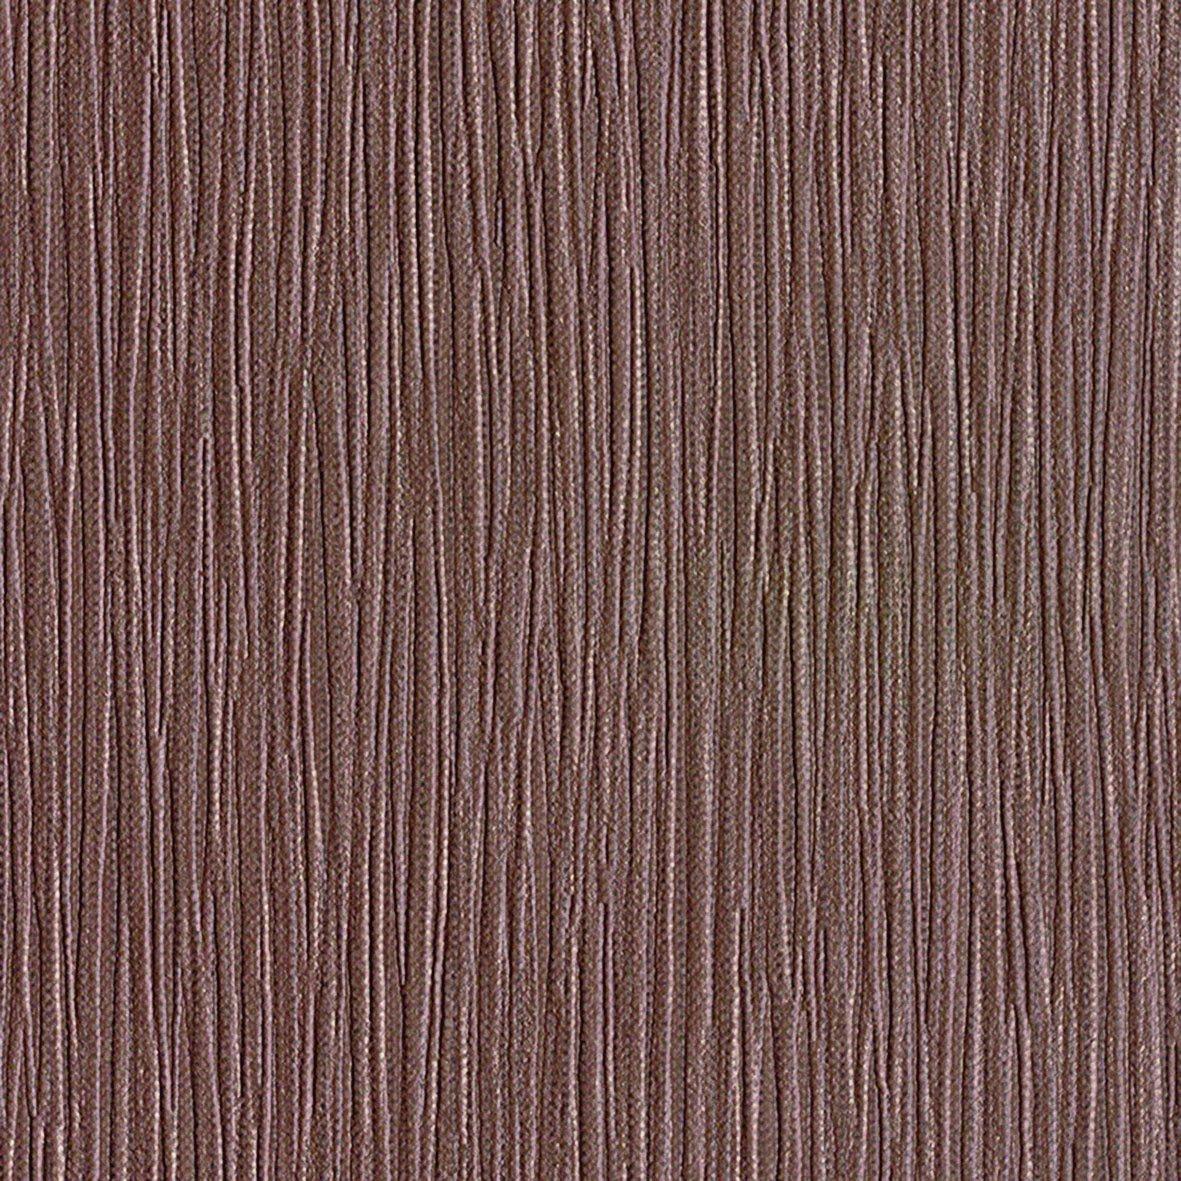 壁紙クロス 33m リリカラ シンフル ストライプ ブラウン LL-8618 B01MXHPKO8 33m|ブラウン